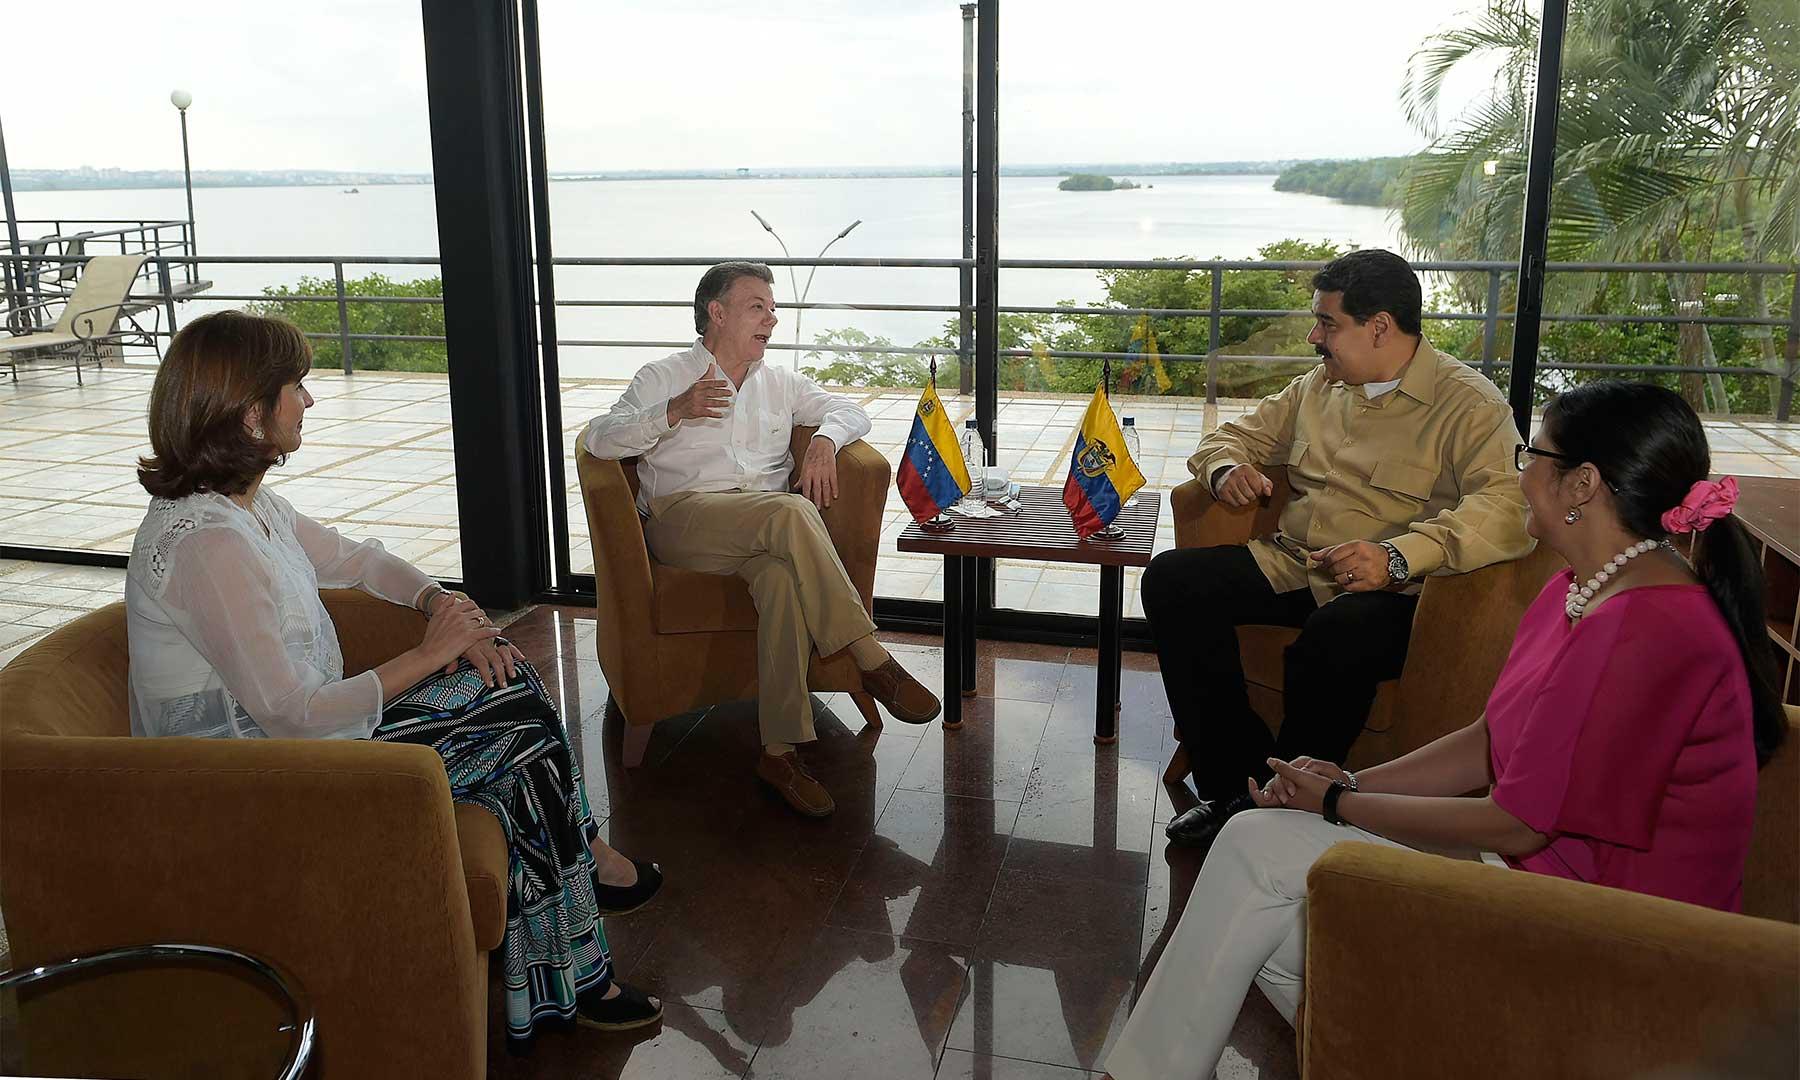 Diálogo privado entre los Presidentes Santos y Maduro, quienes están acompañados por su respectivas cancilleres, María Ángela Holguín y Delcy Rodríguez, posteriormente sostendrán un encuentro ampliado con participación de los equipos de los dos Gobiernos.